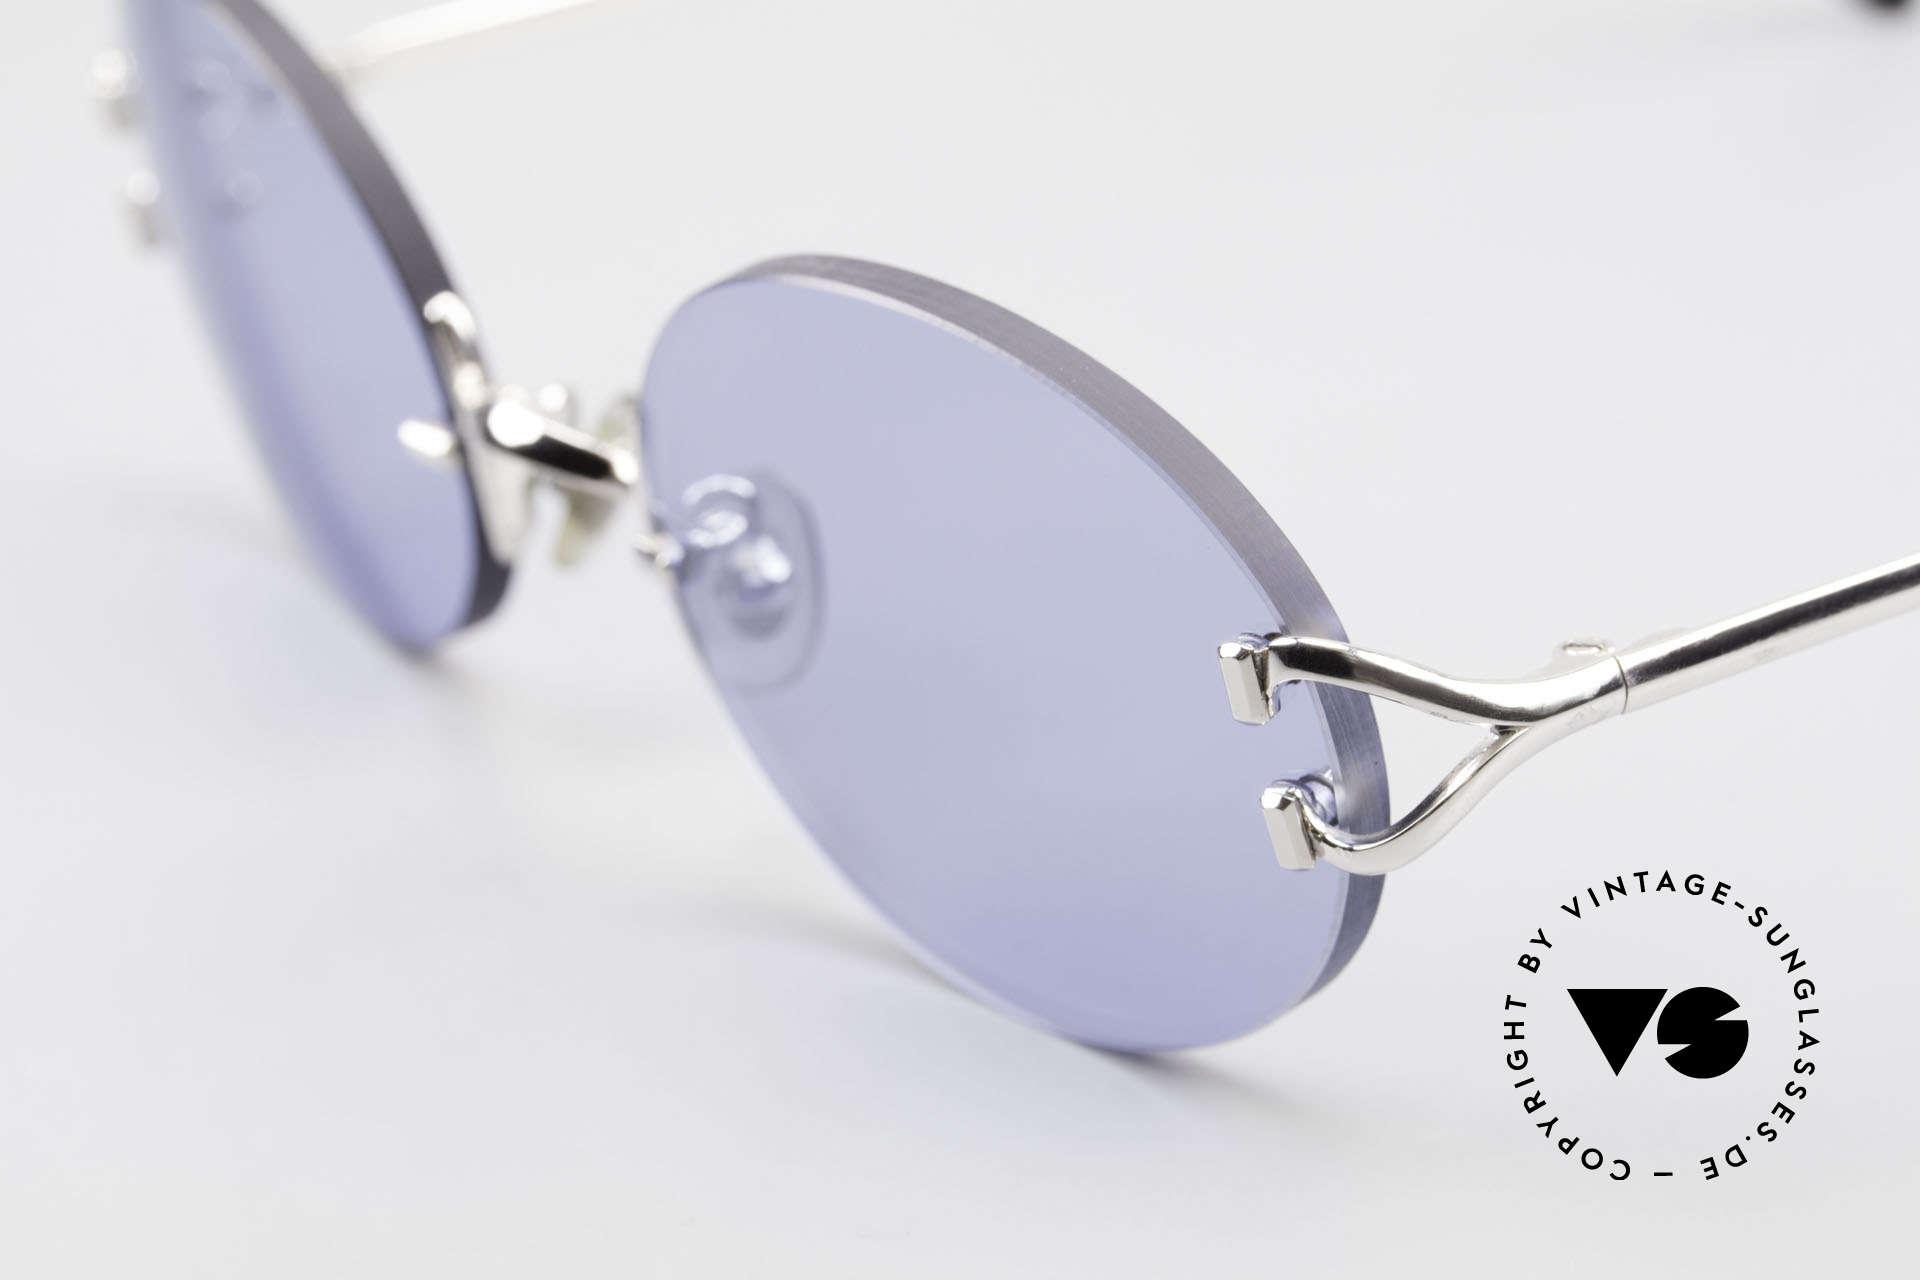 Cartier Rimless Giverny Ovale Randlose Luxusbrille, ein teures ORIGINAL in scheinbar zeitlosem Design, Passend für Herren und Damen